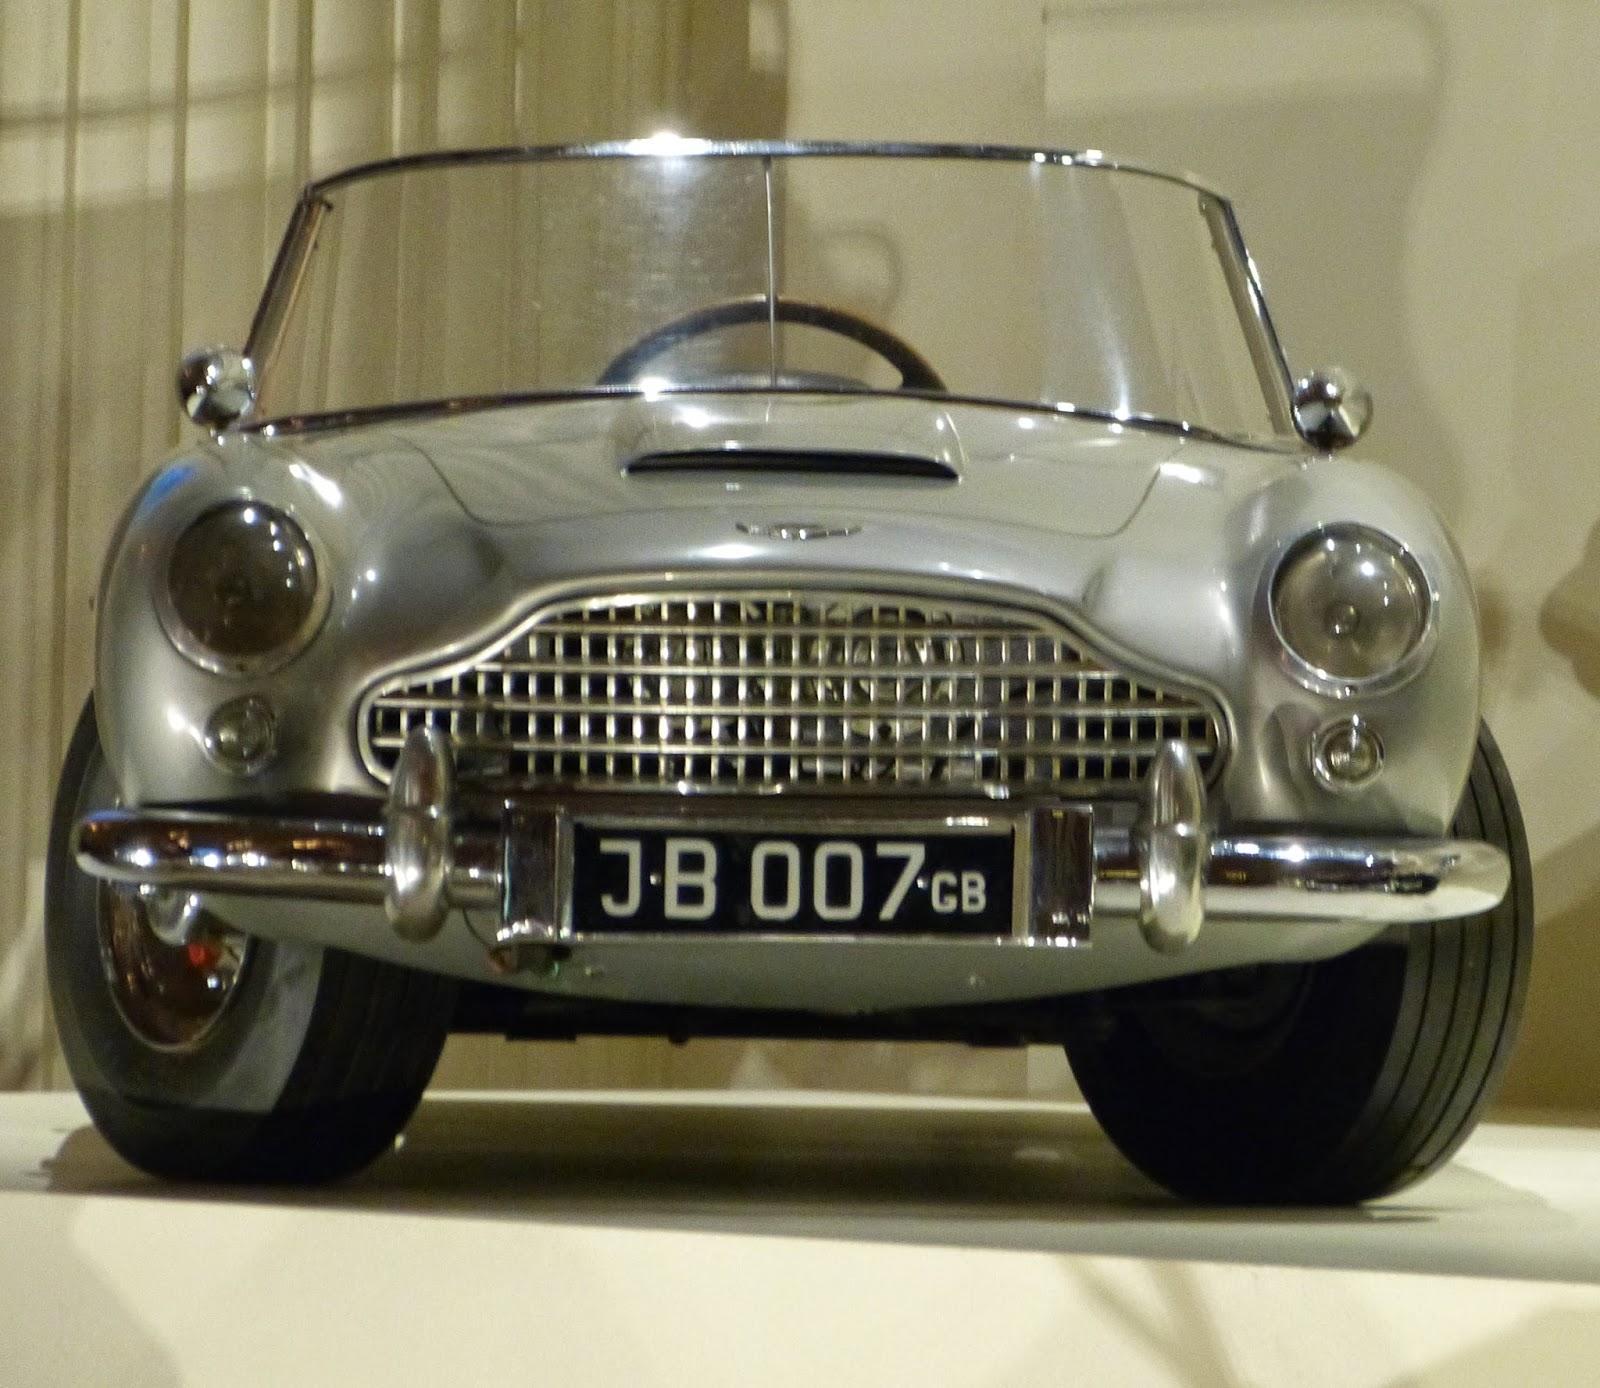 Miniature replica of James Bond's car (1966)